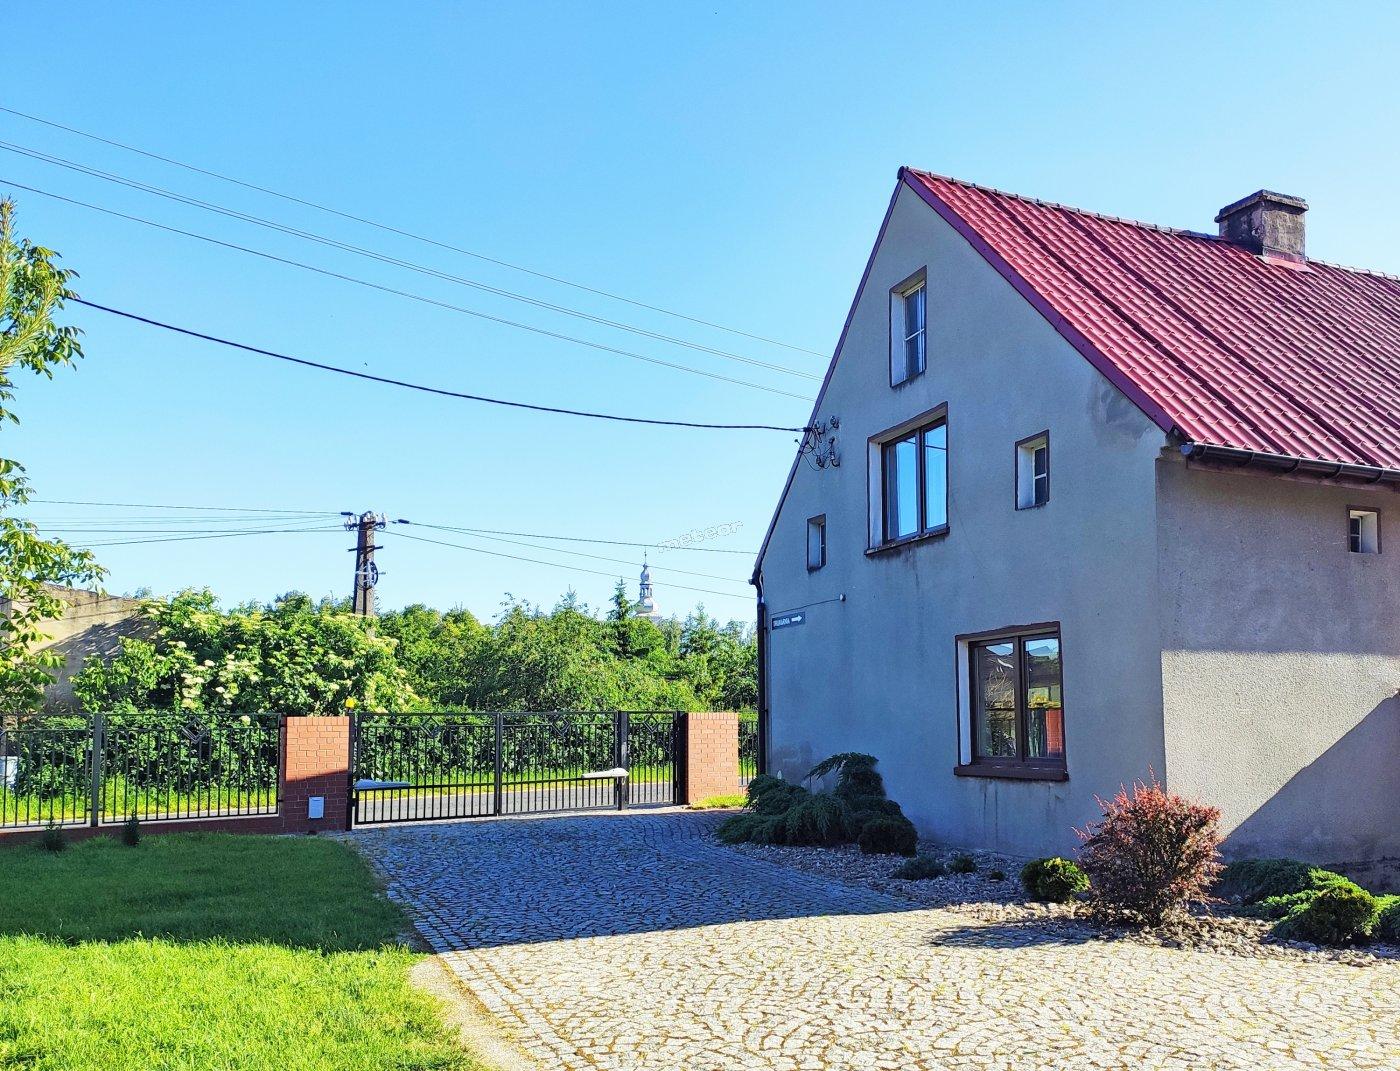 Dom- widok od strony podwórka